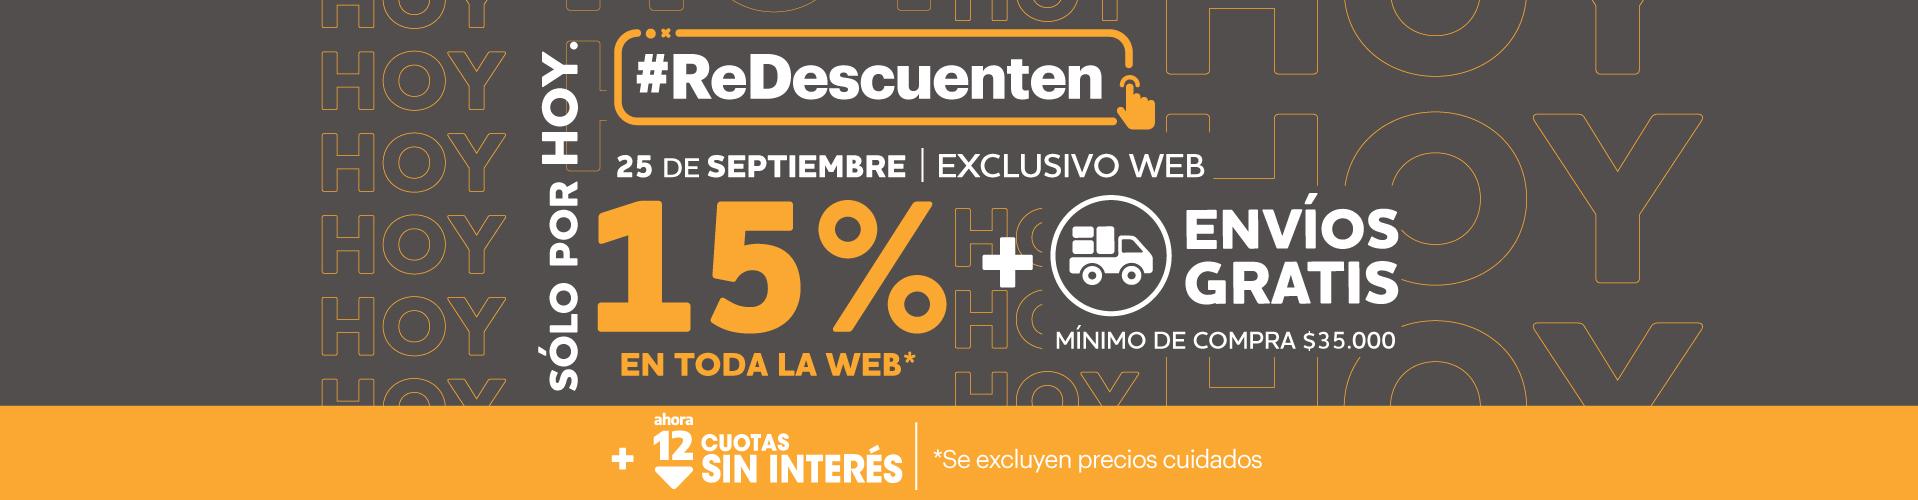 25-09 Solo x hoy - 15% toda la web